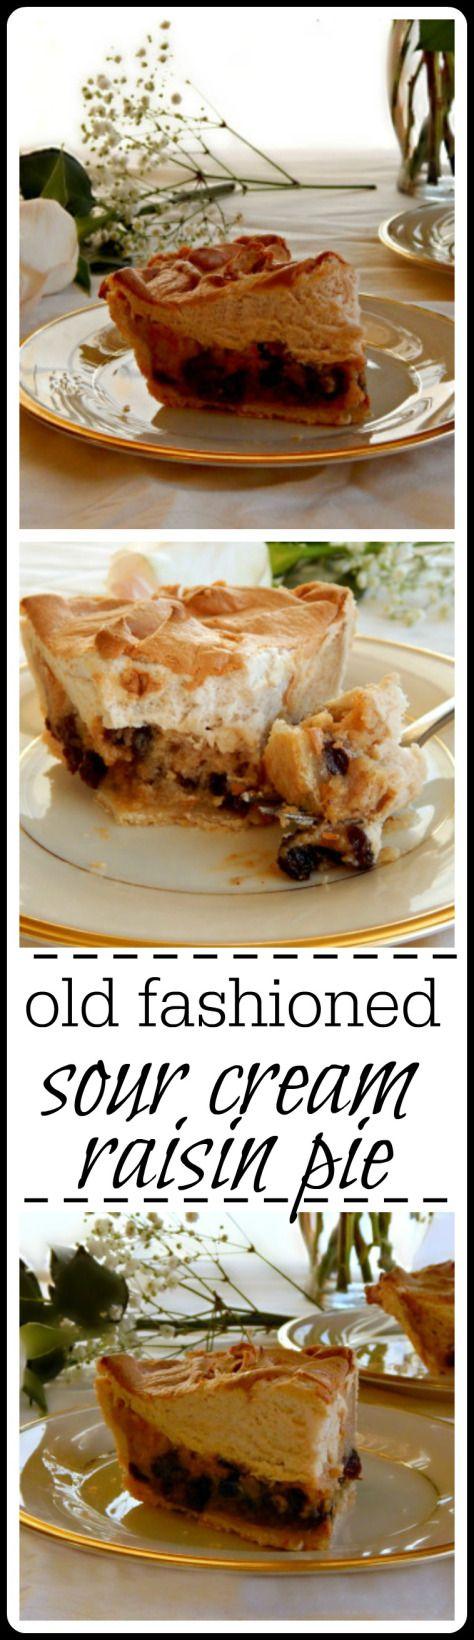 Old Fashioned Sour Cream Raisin Pie Raisin Pie Sour Cream Raisin Pie Sour Cream